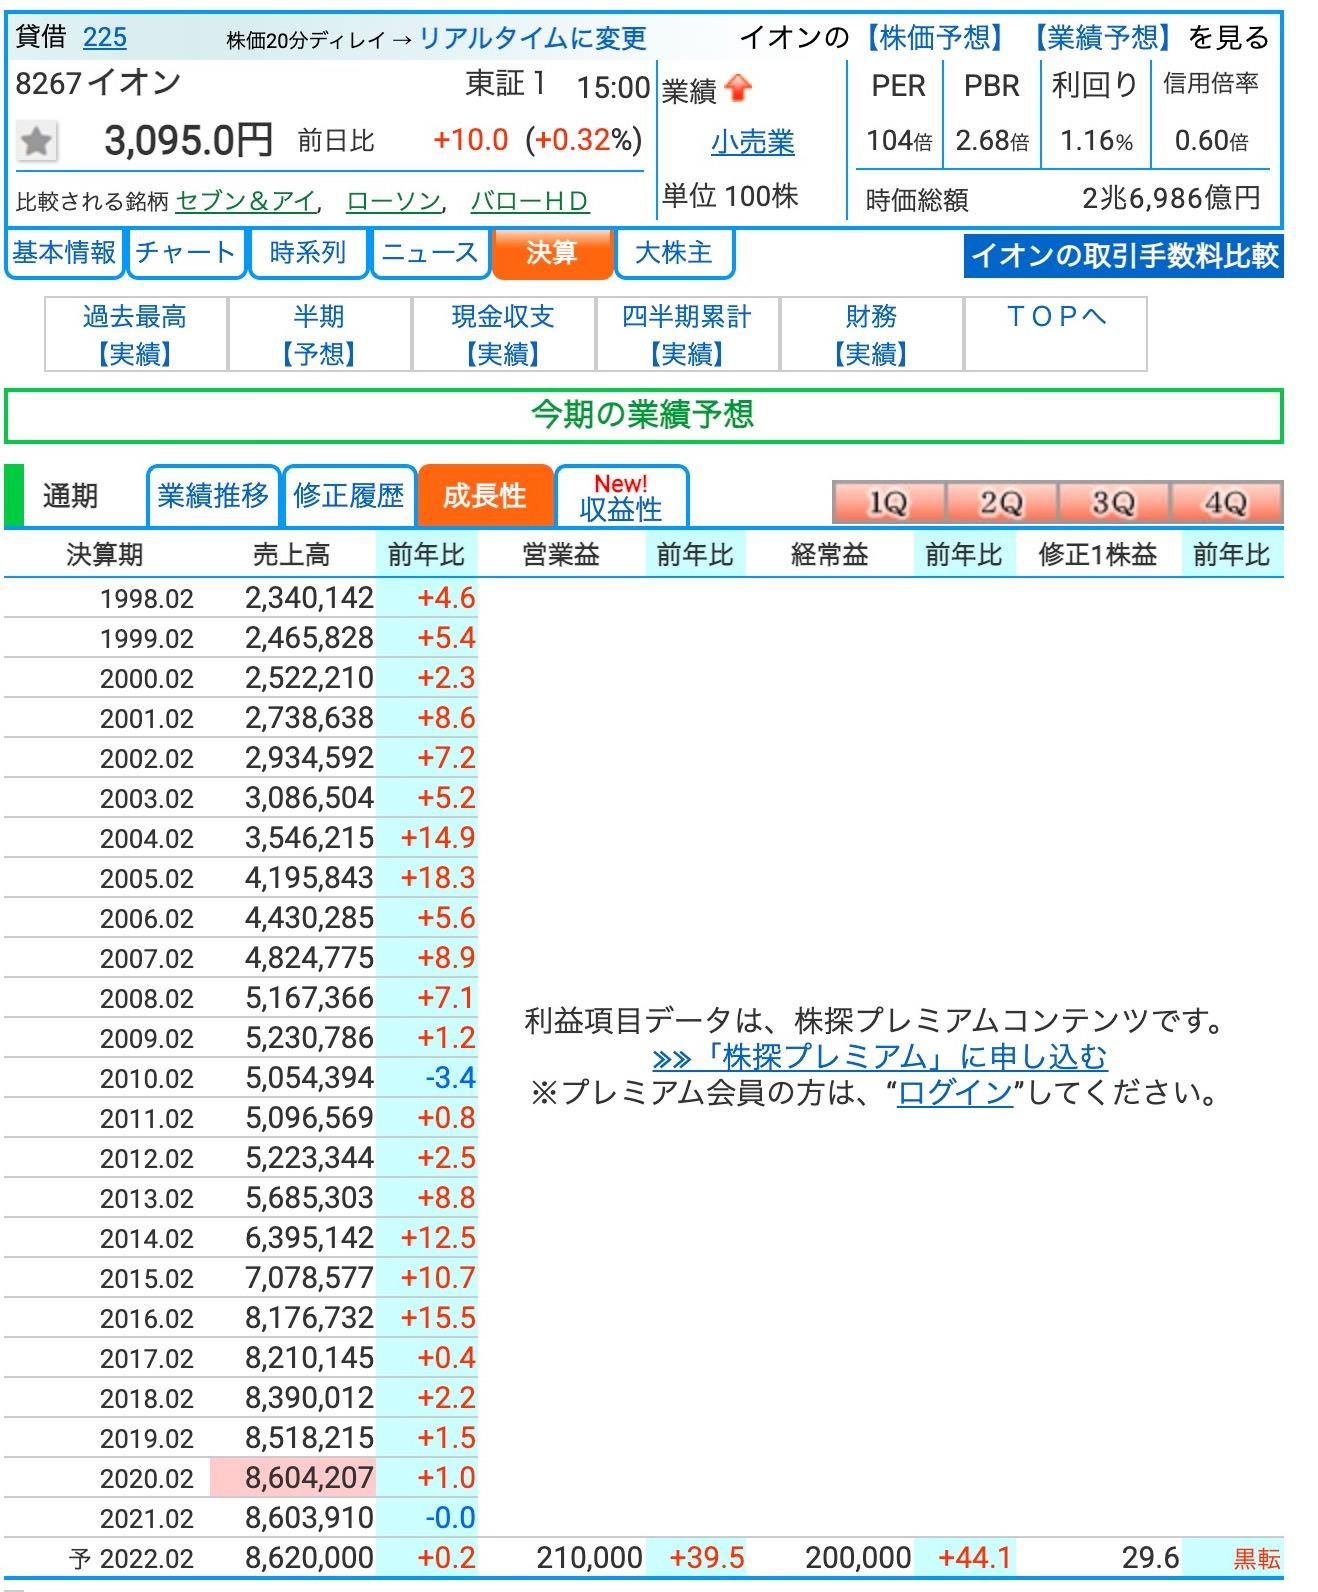 かぶたん検索:イオンの売上データ